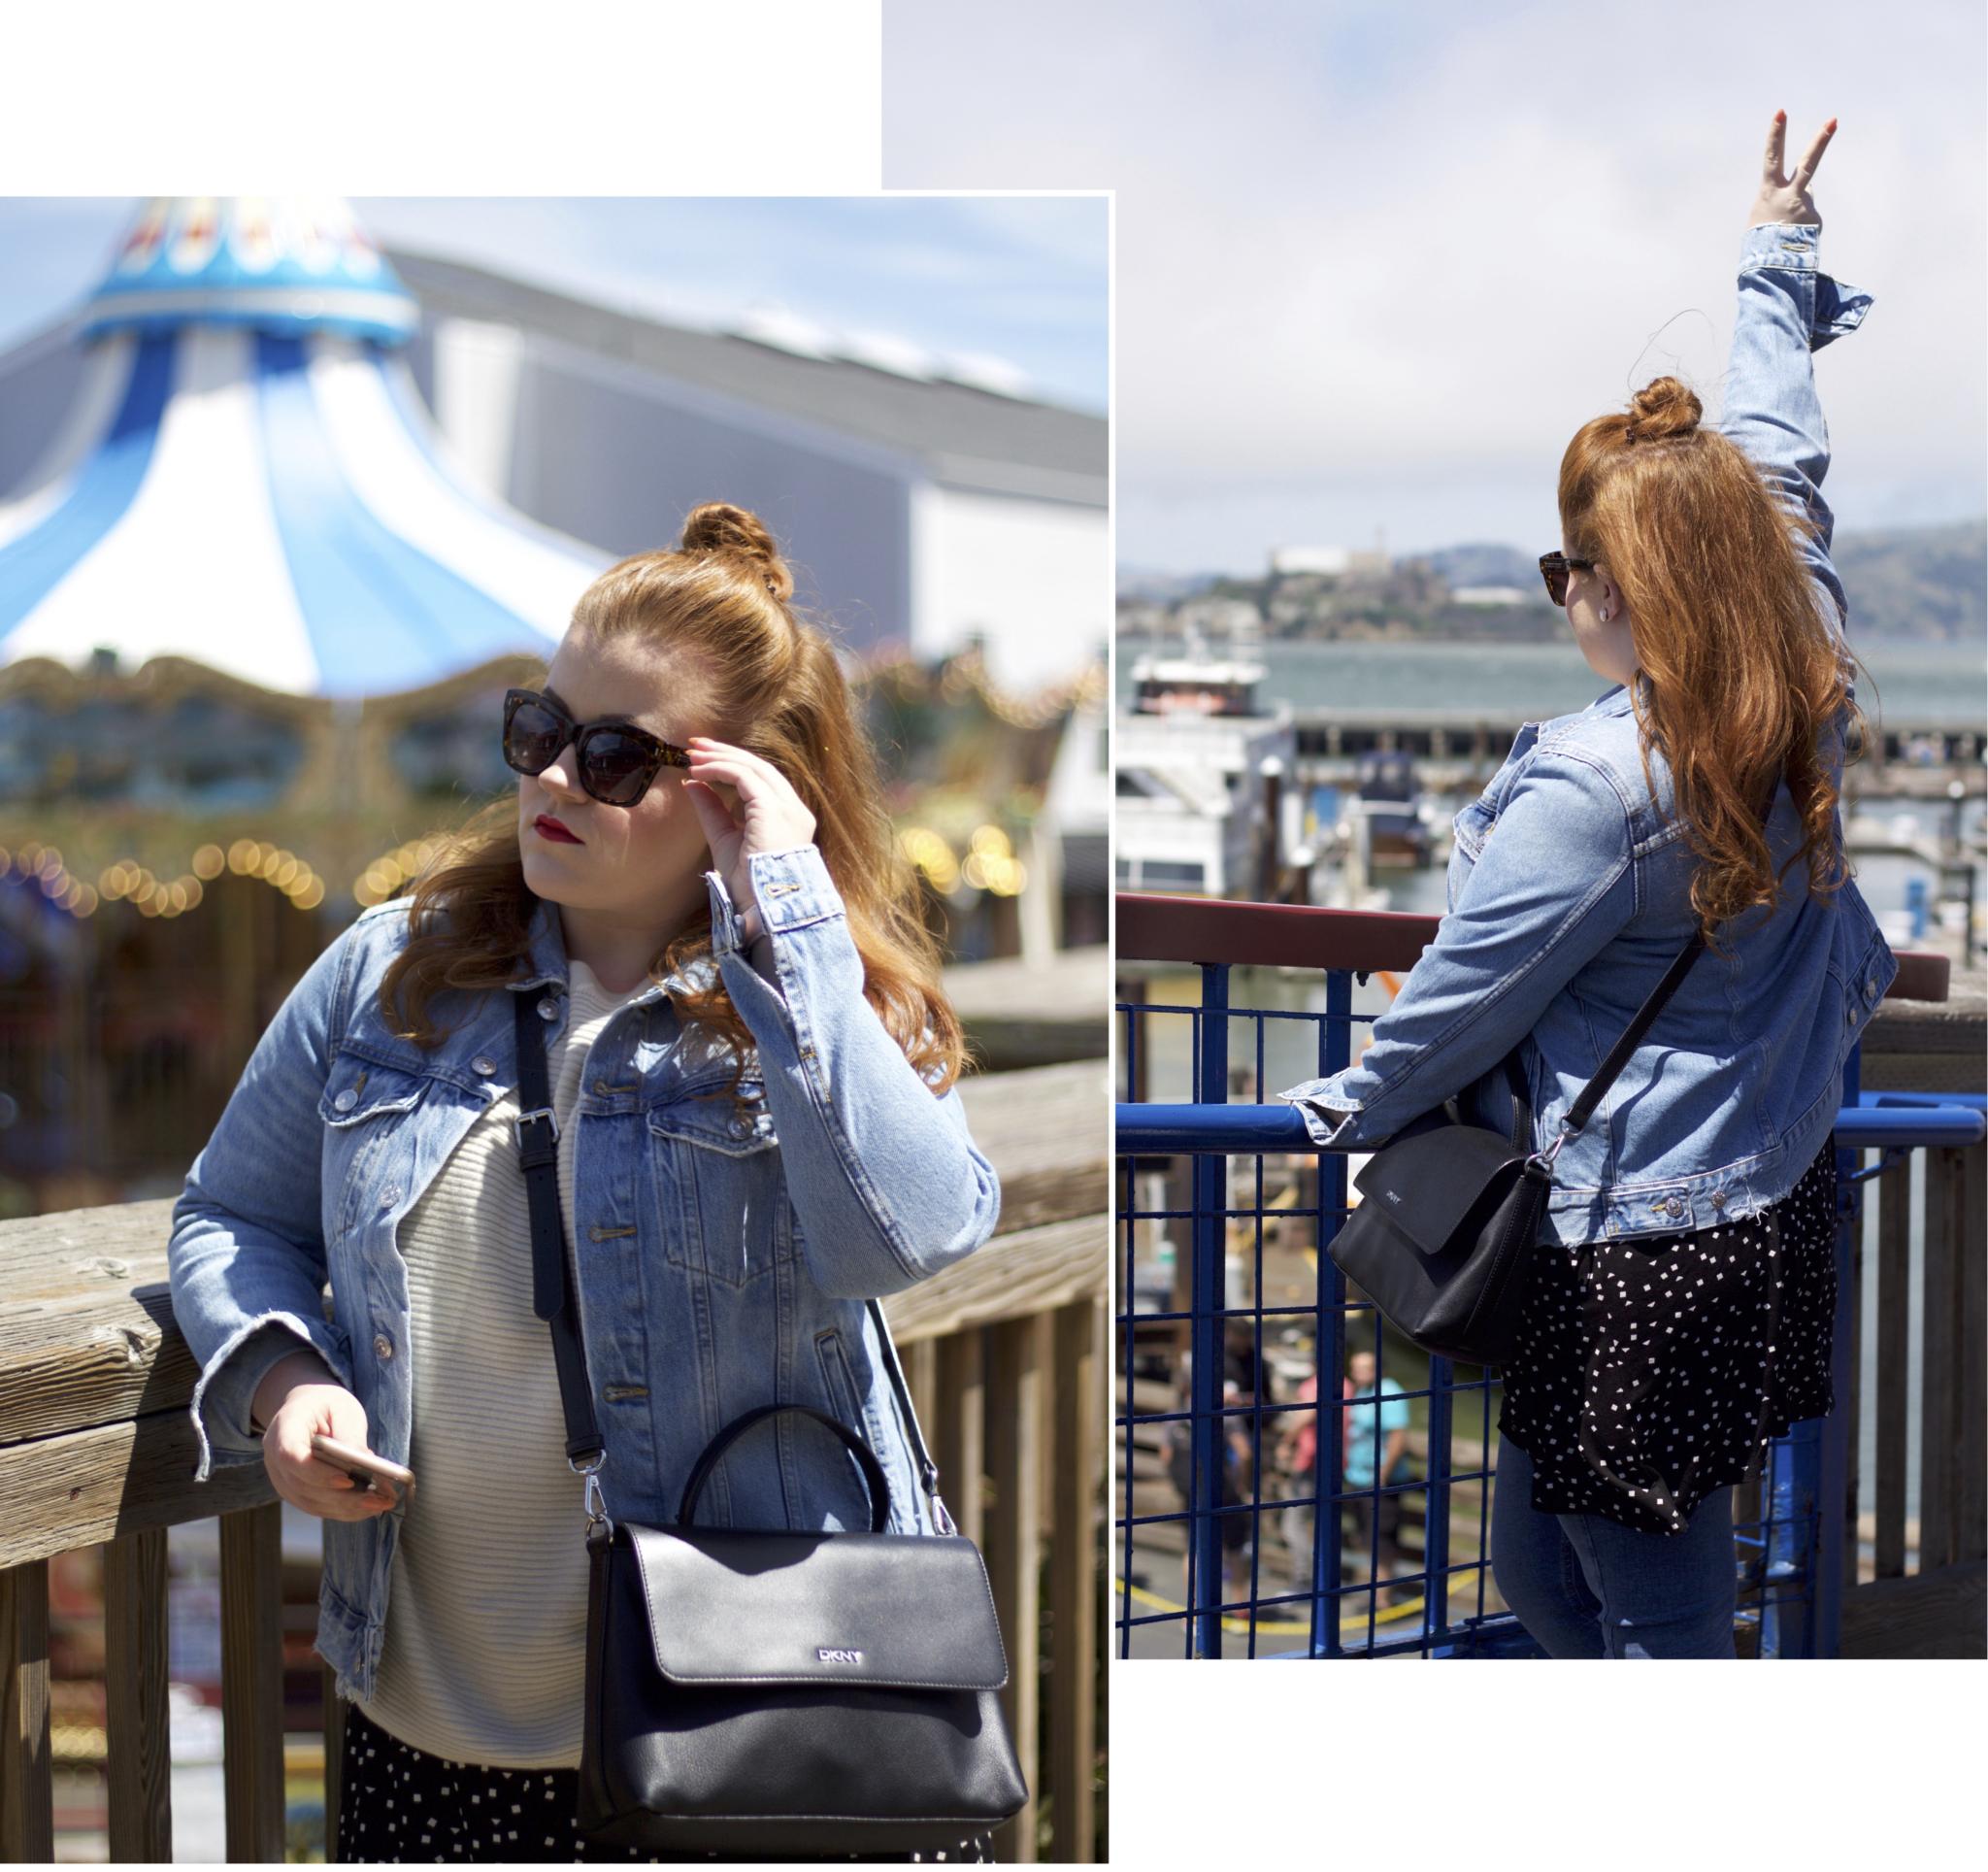 Aussicht am Pier 39 - Ein Tag am Pier 39 in San Francisco - Erlebnisse und 5 Tipps für einen Tag am Pier 39 - Reise Blogger Tipps